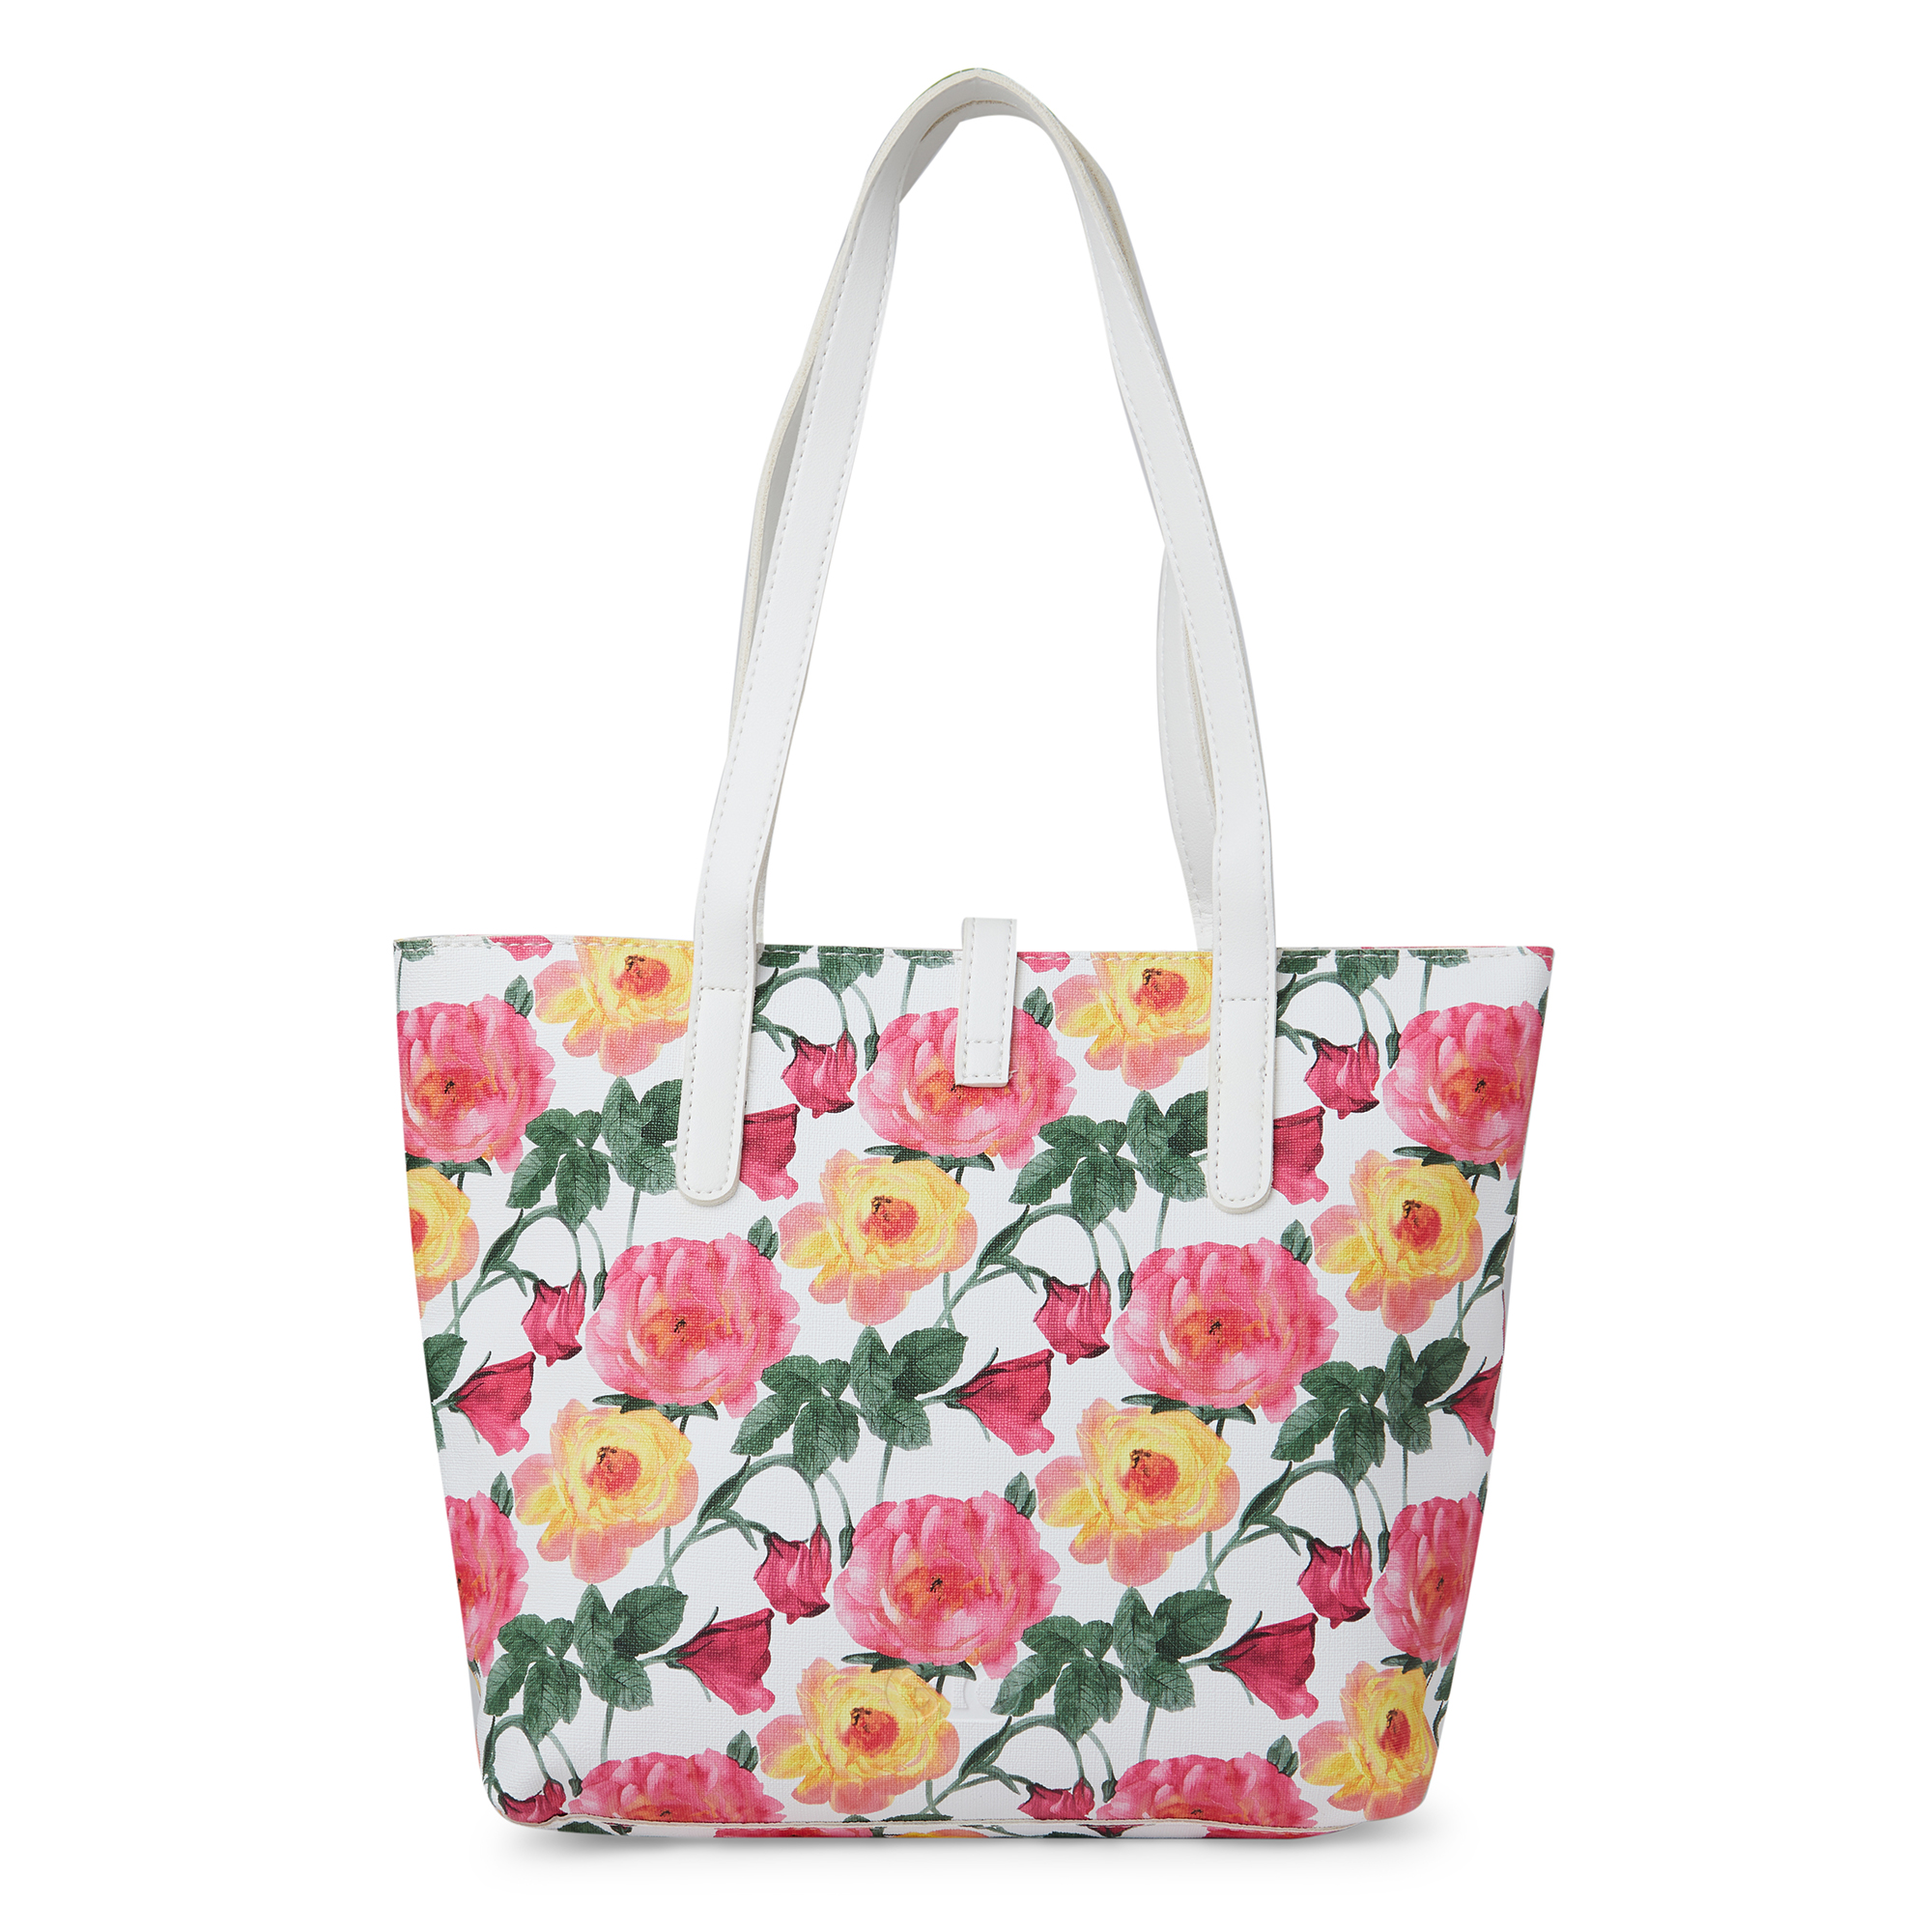 globus   Globus Print Shopper Bag